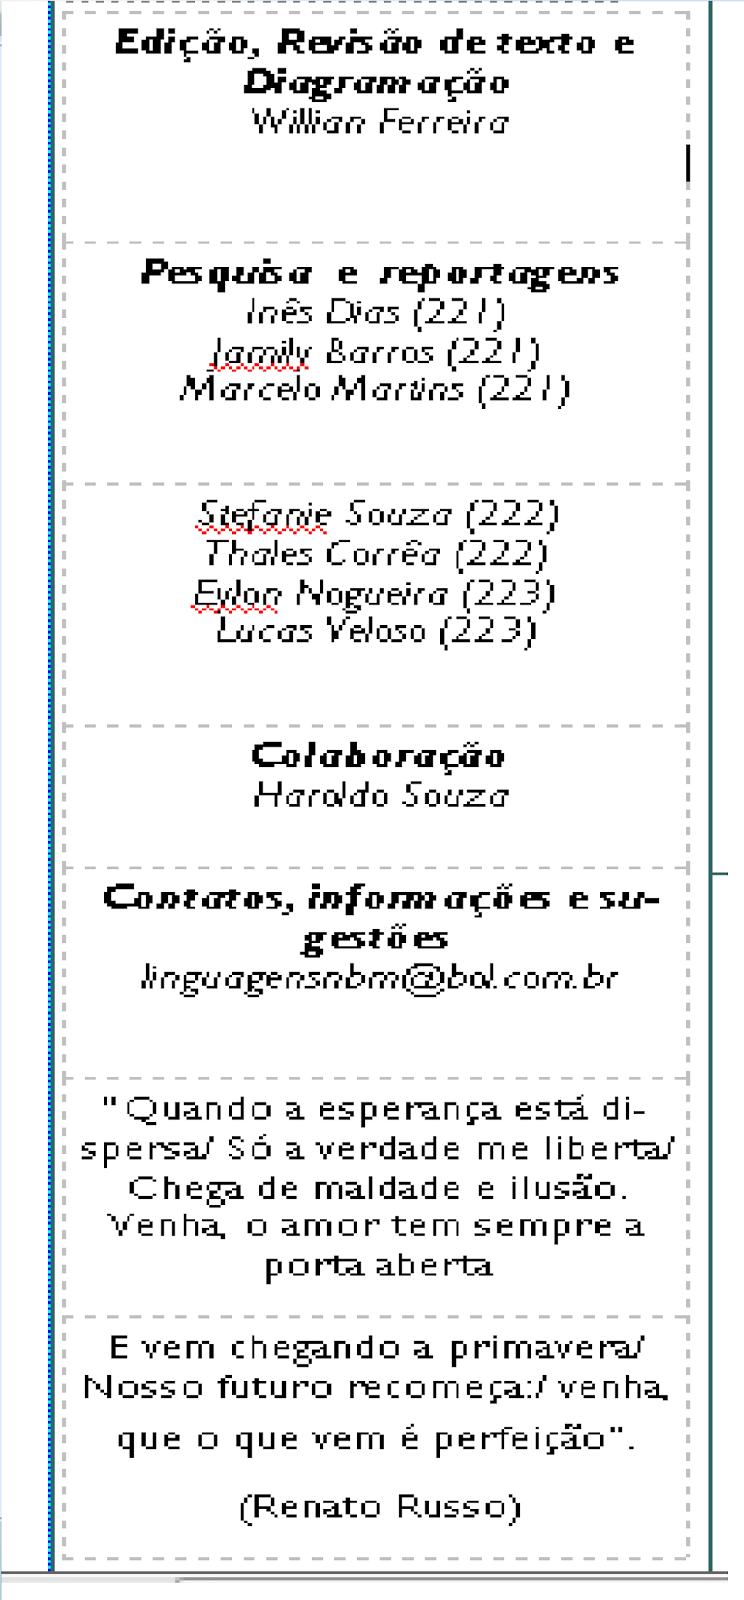 O To Ww Bing Comsquare Root 123: E. E. PROF NILTON BALIEIRO MACHADO: Atividade Integradora